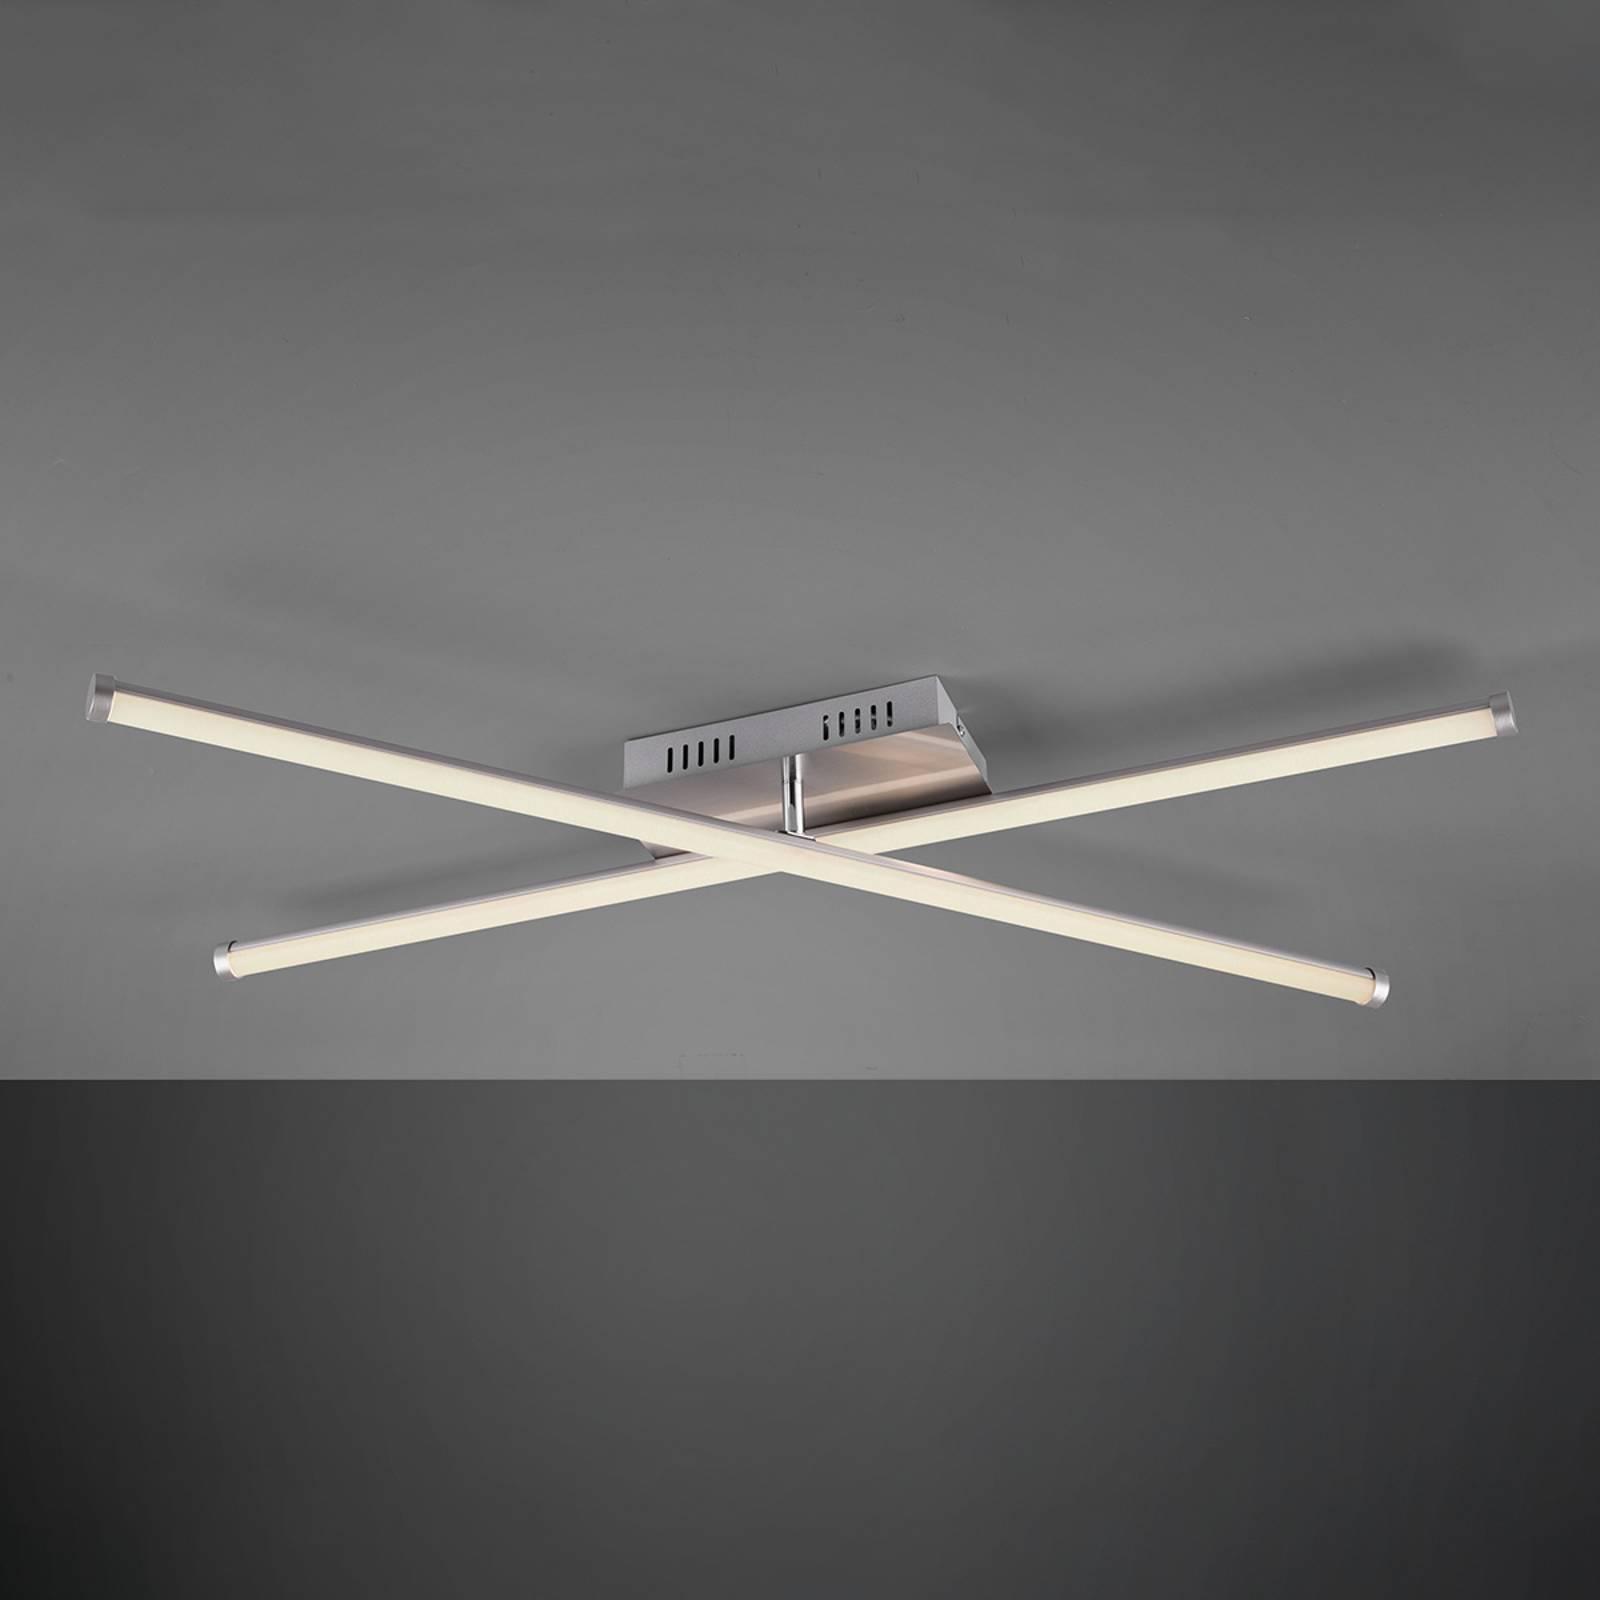 LED-Deckenleuchte Smaragd, WiZ, zweiflammig